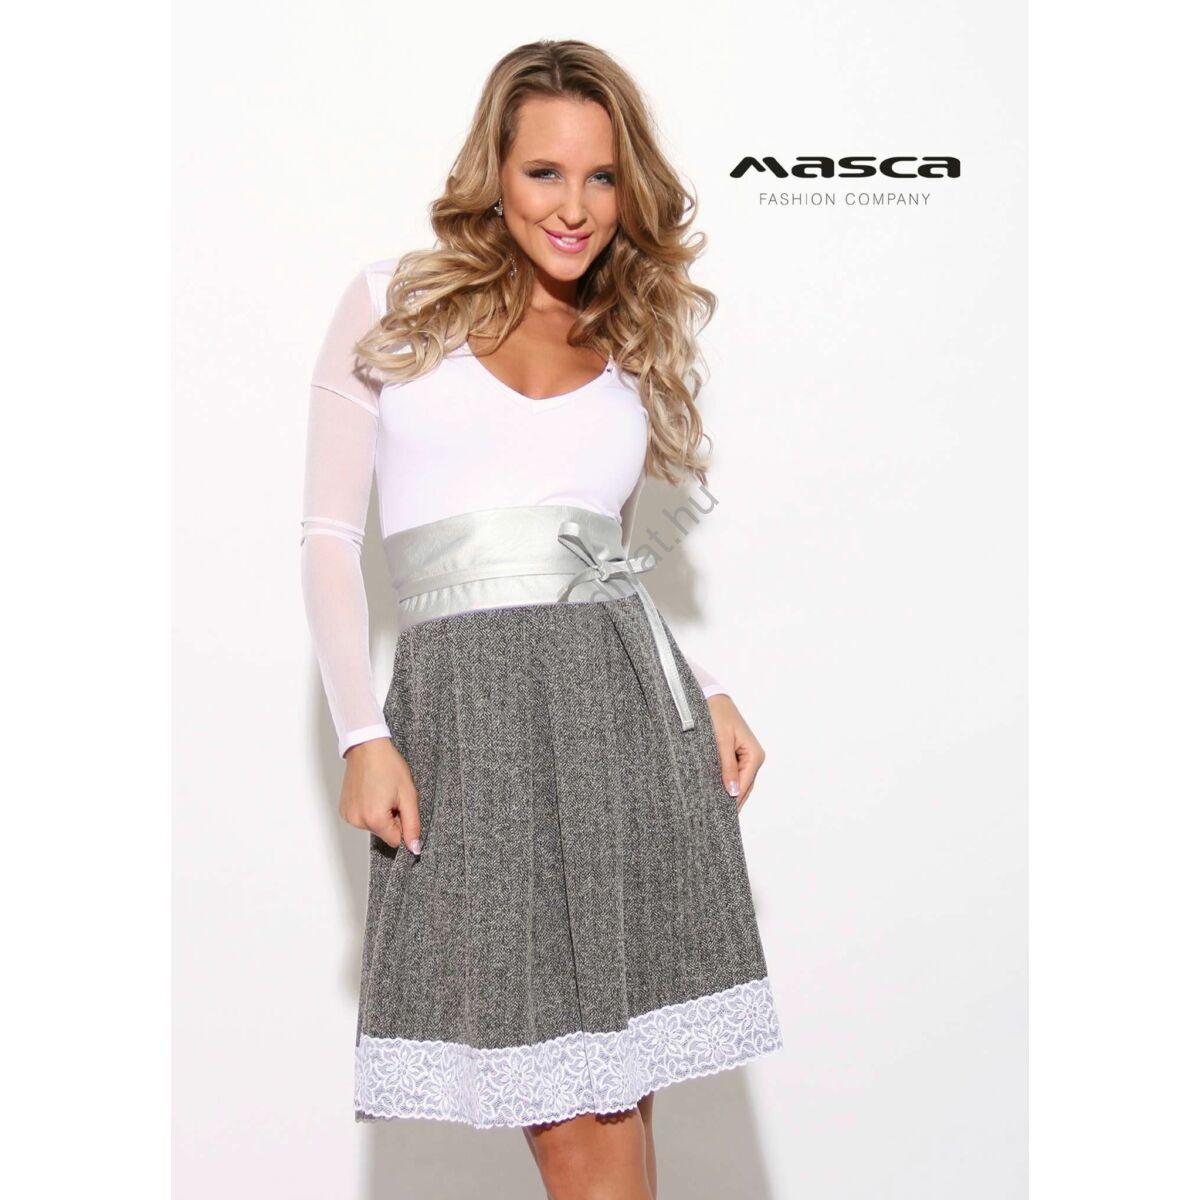 8e5182823 Masca Fashion muszlin ujjú halszálkás, loknis csipkeszegélyes szoknyarészű  szürke-fehér ruha, ezüst műbőr övvel - Mf902-36